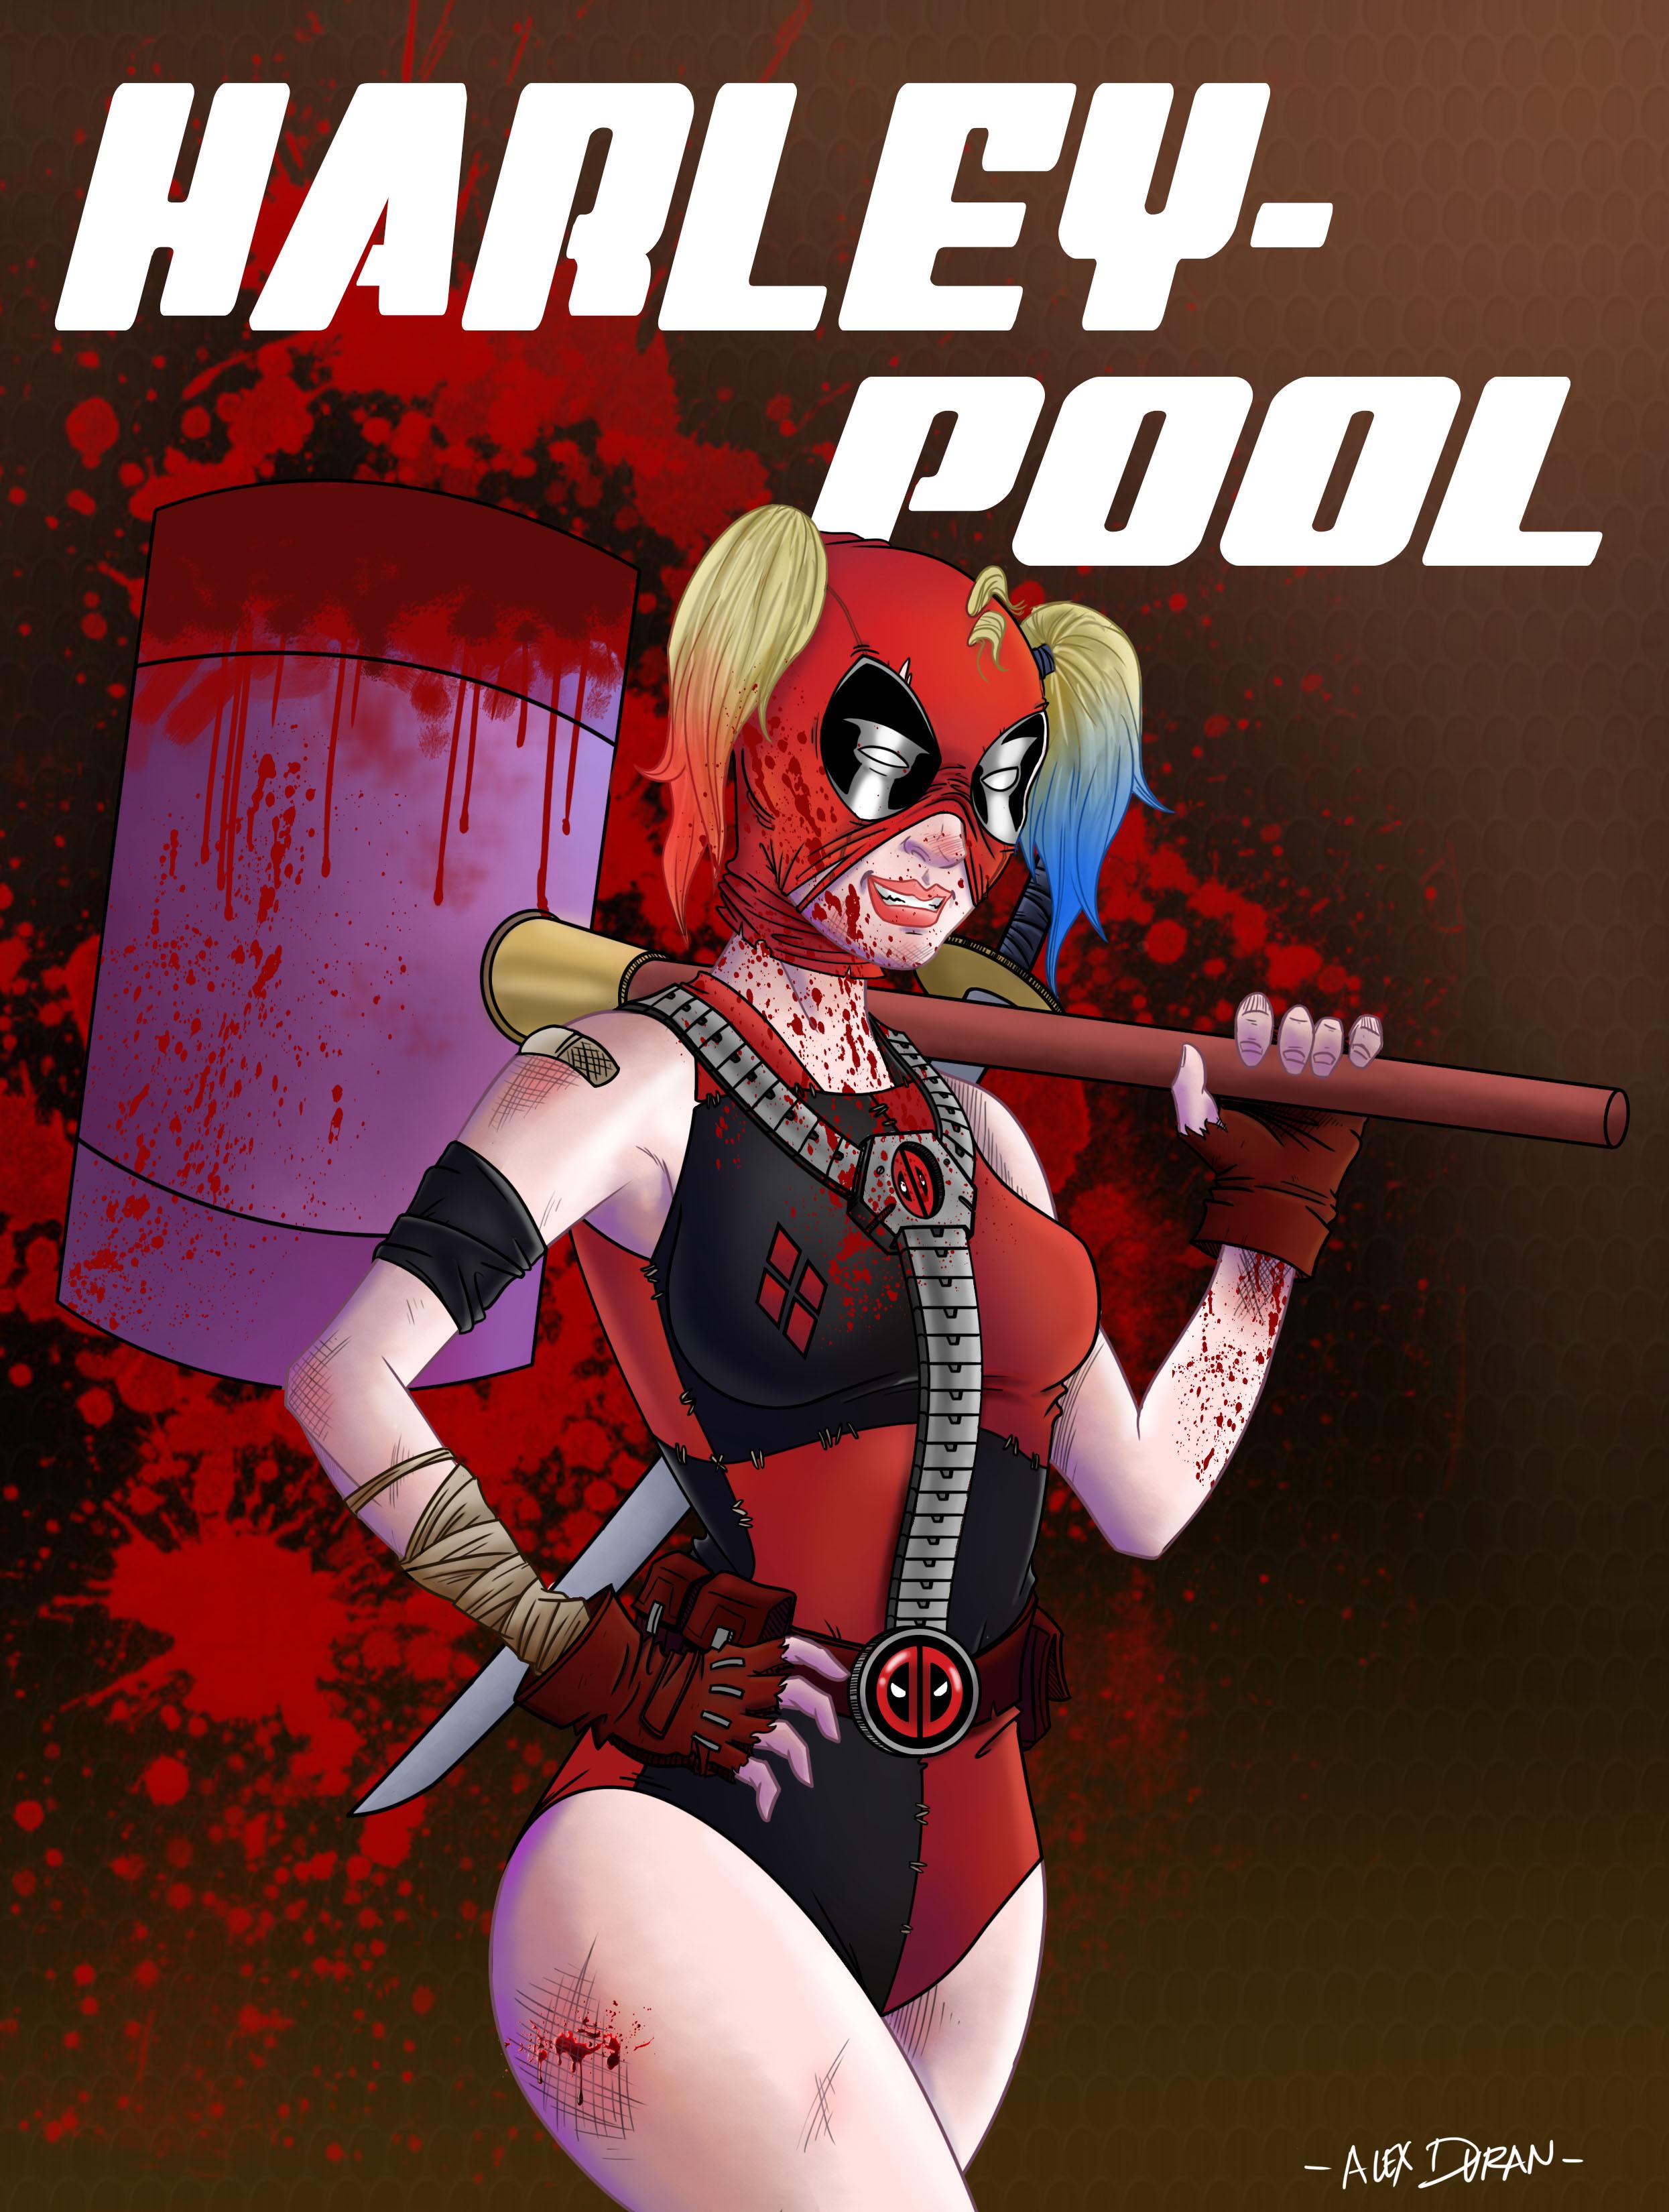 Harley-Pool